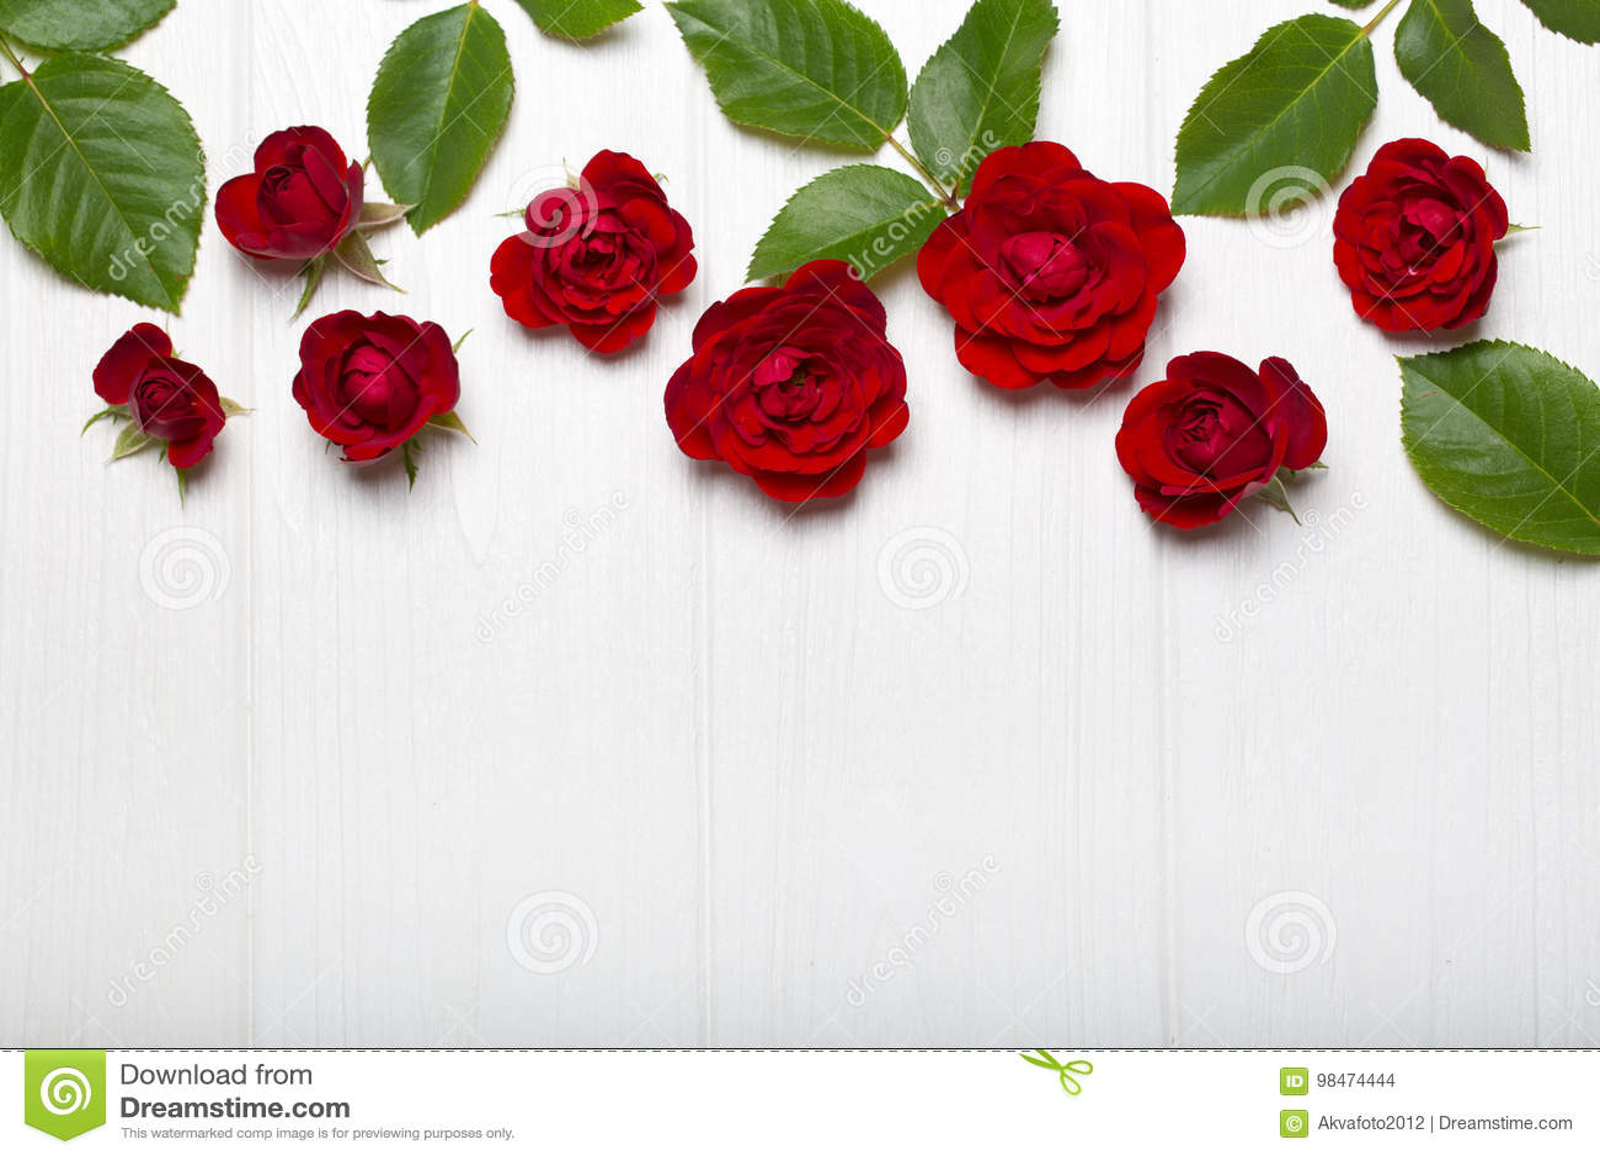 Weiße lilien und rote rosen